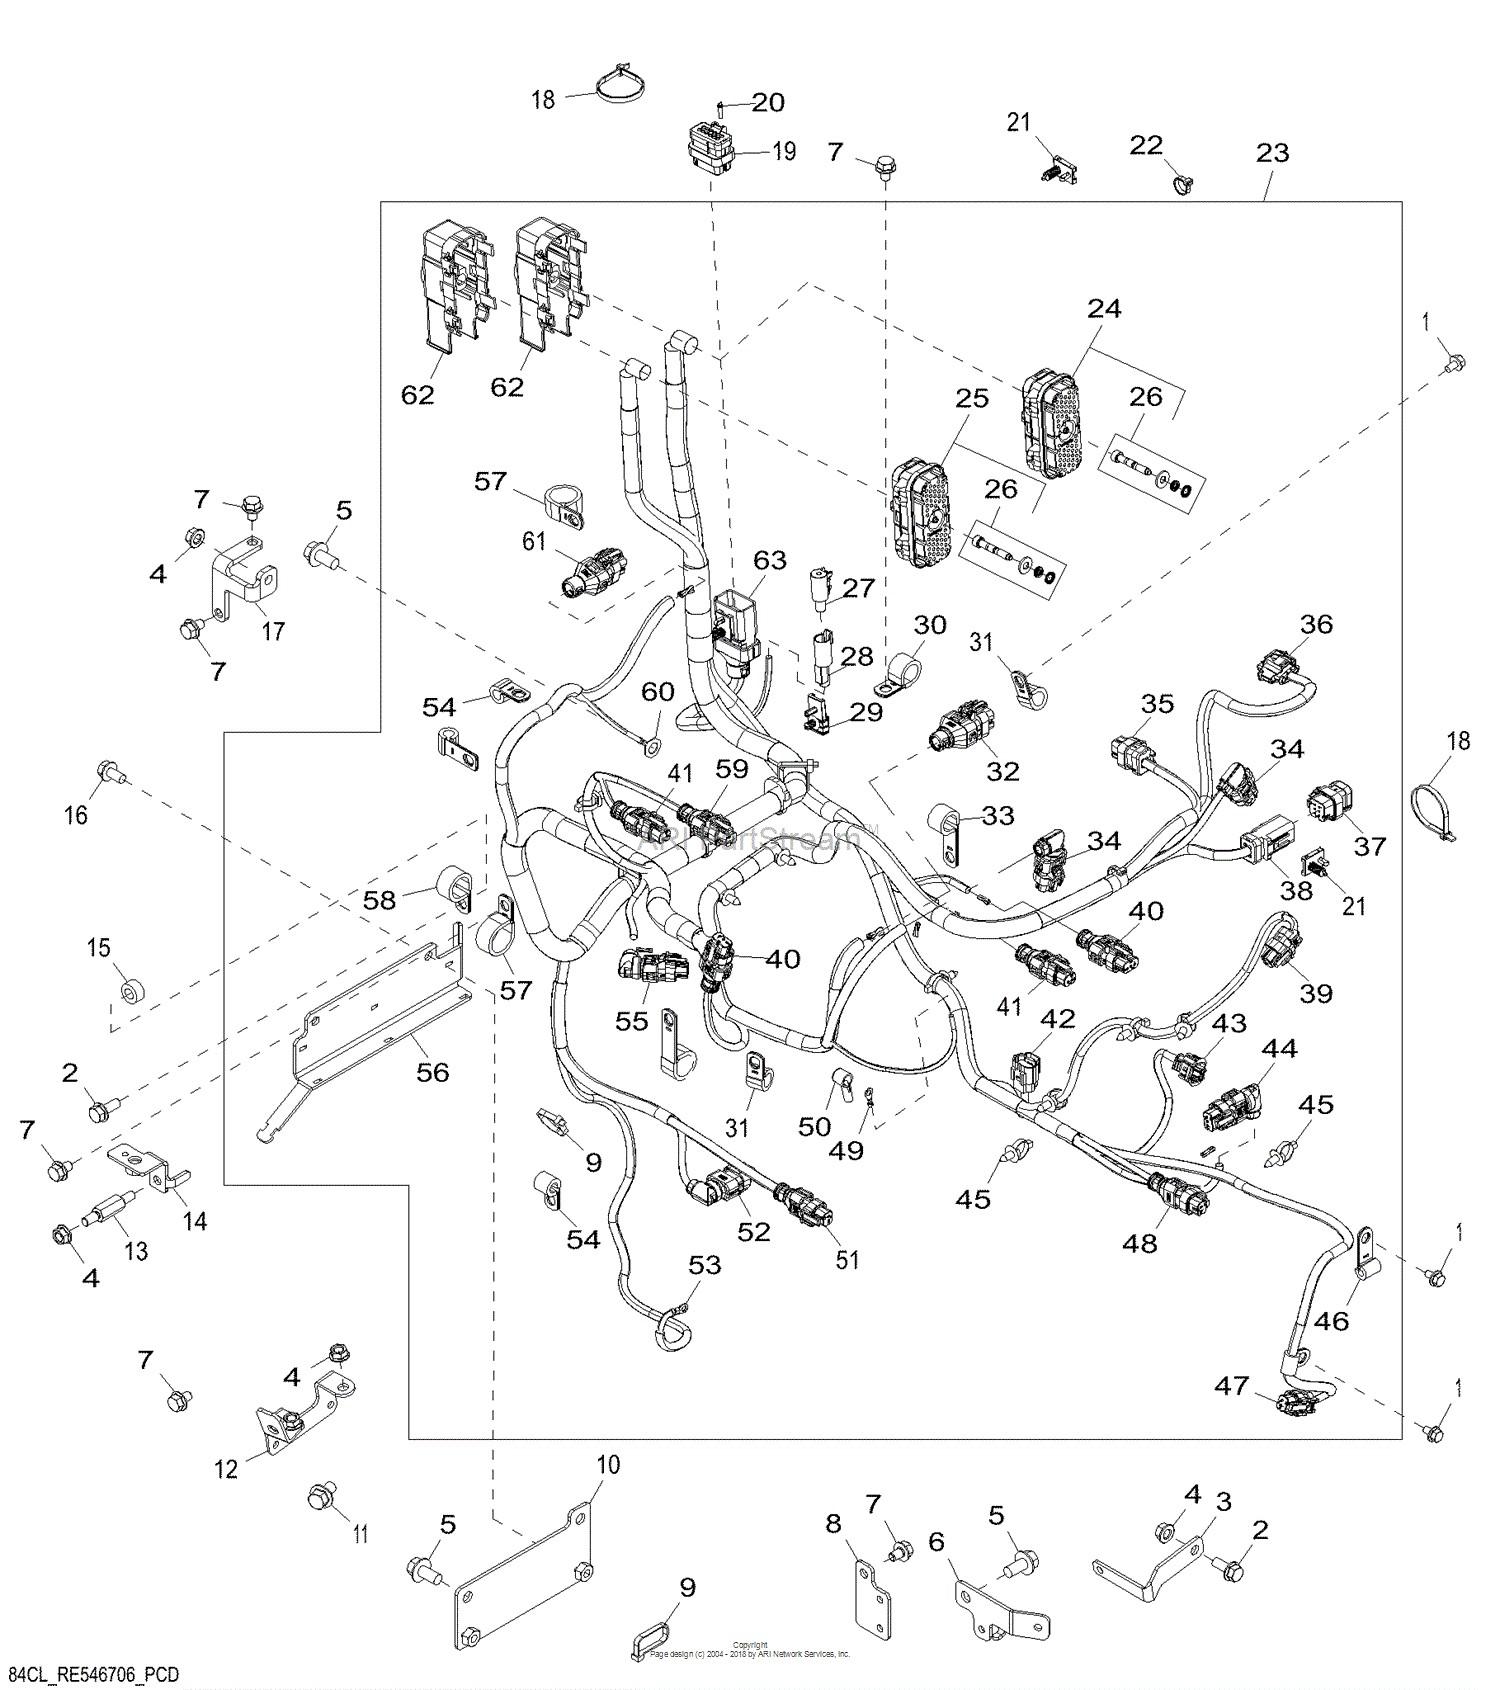 John Deere 2 Cylinder Engine Diagram John Deere Parts Diagrams John Deere 5115ml Tractor Open Operators Of John Deere 2 Cylinder Engine Diagram